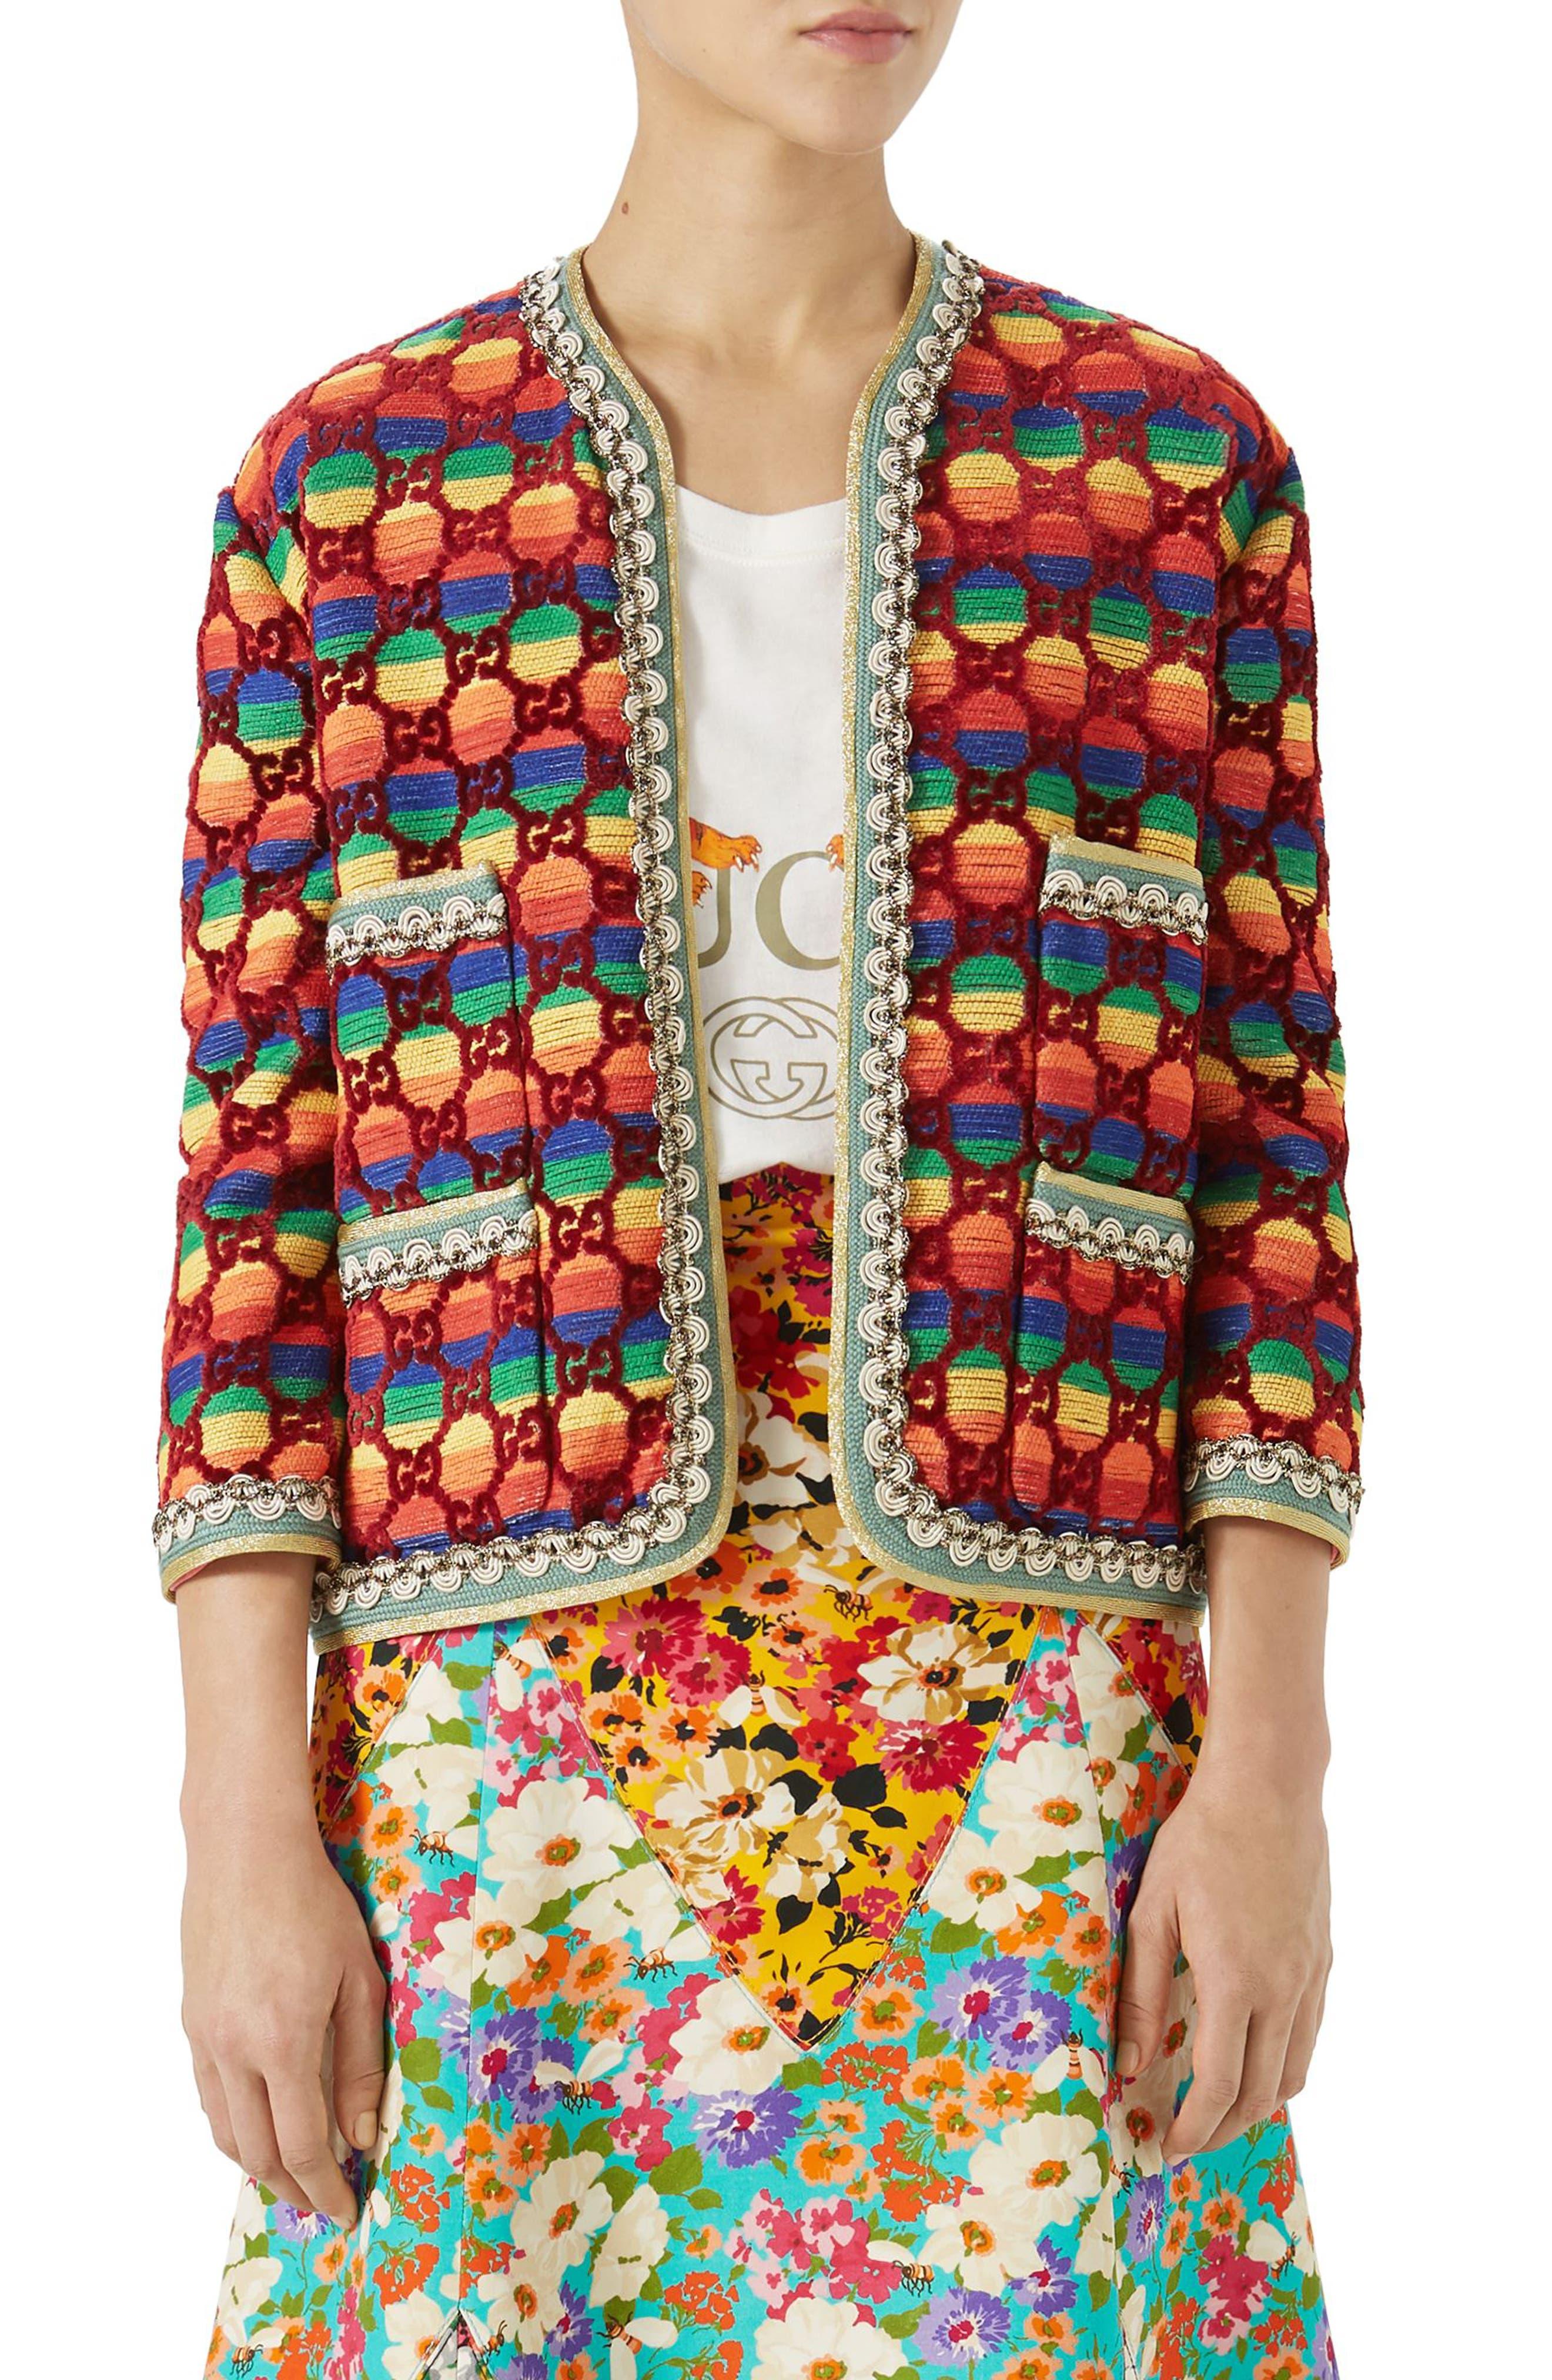 GG Rainbow Stripe Velvet Jacket,                             Main thumbnail 1, color,                             621